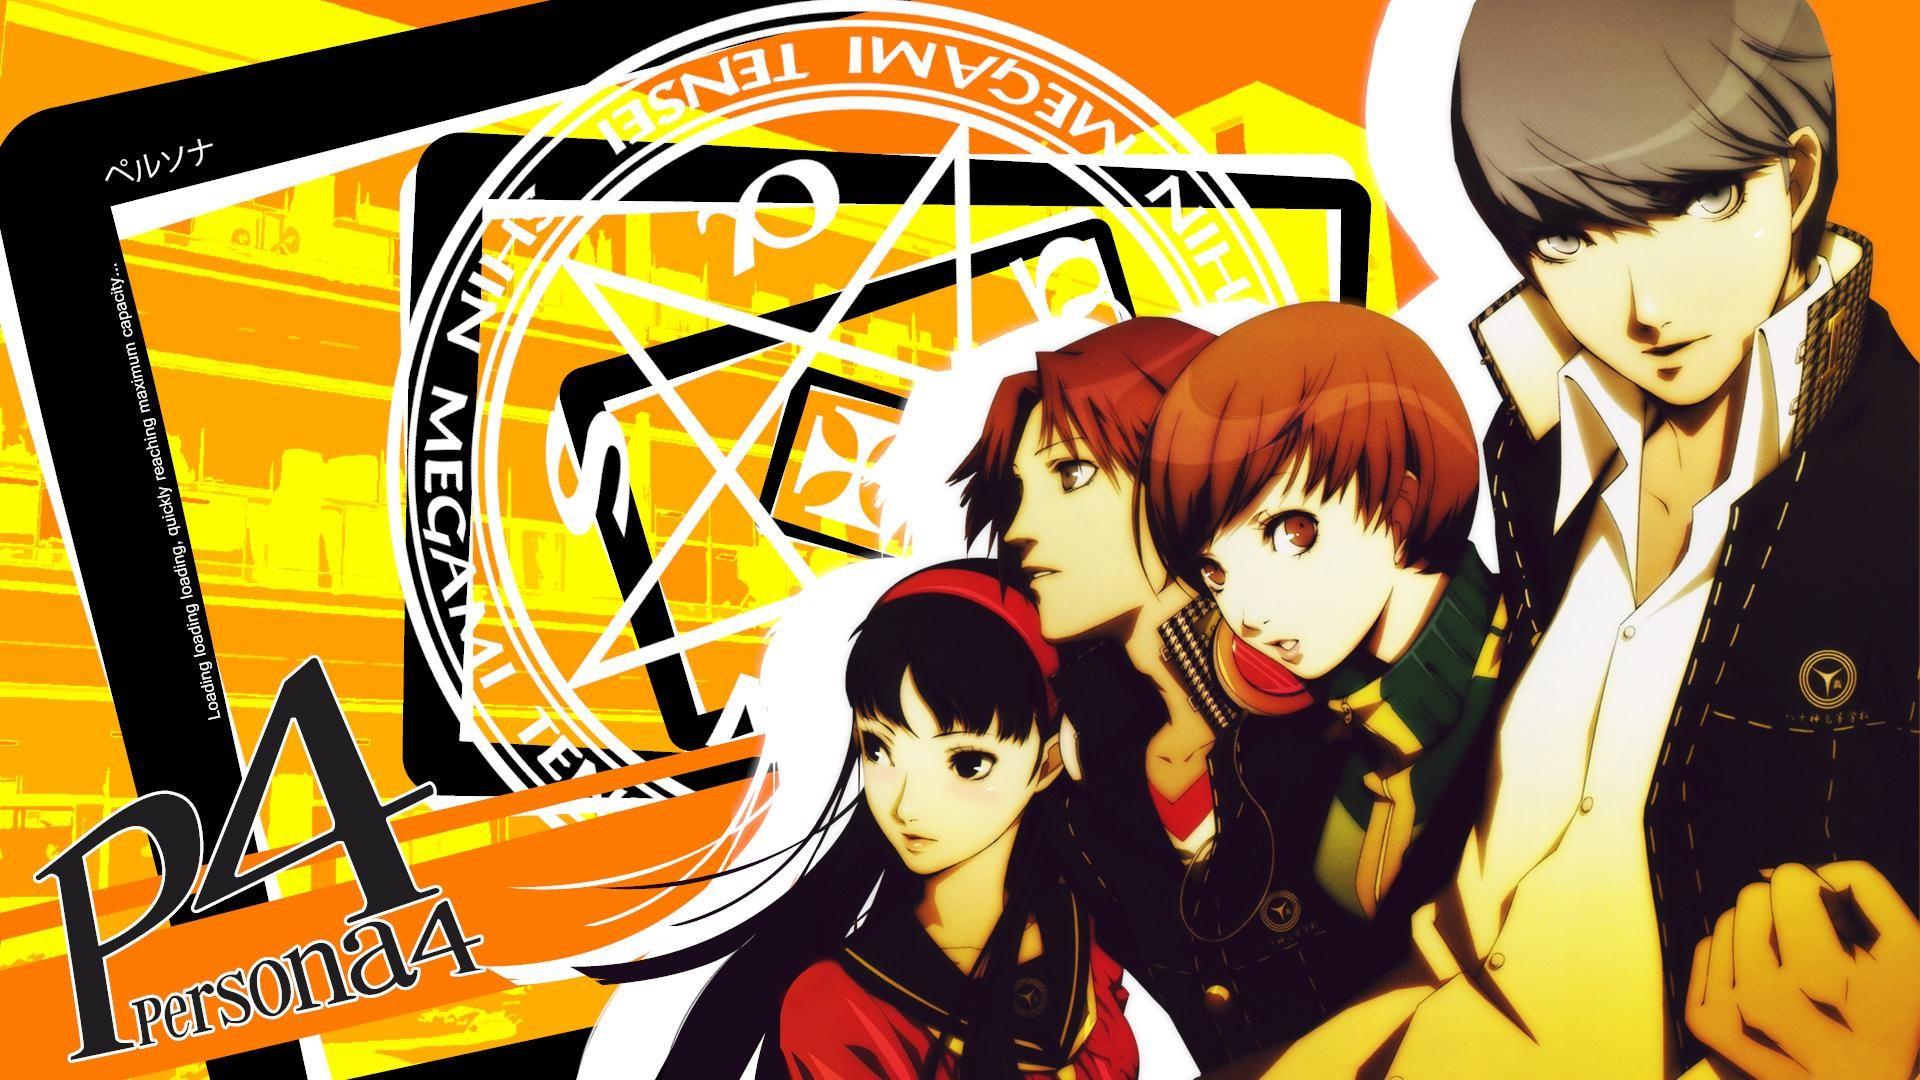 Persona Computer Wallpapers Desktop Backgrounds x